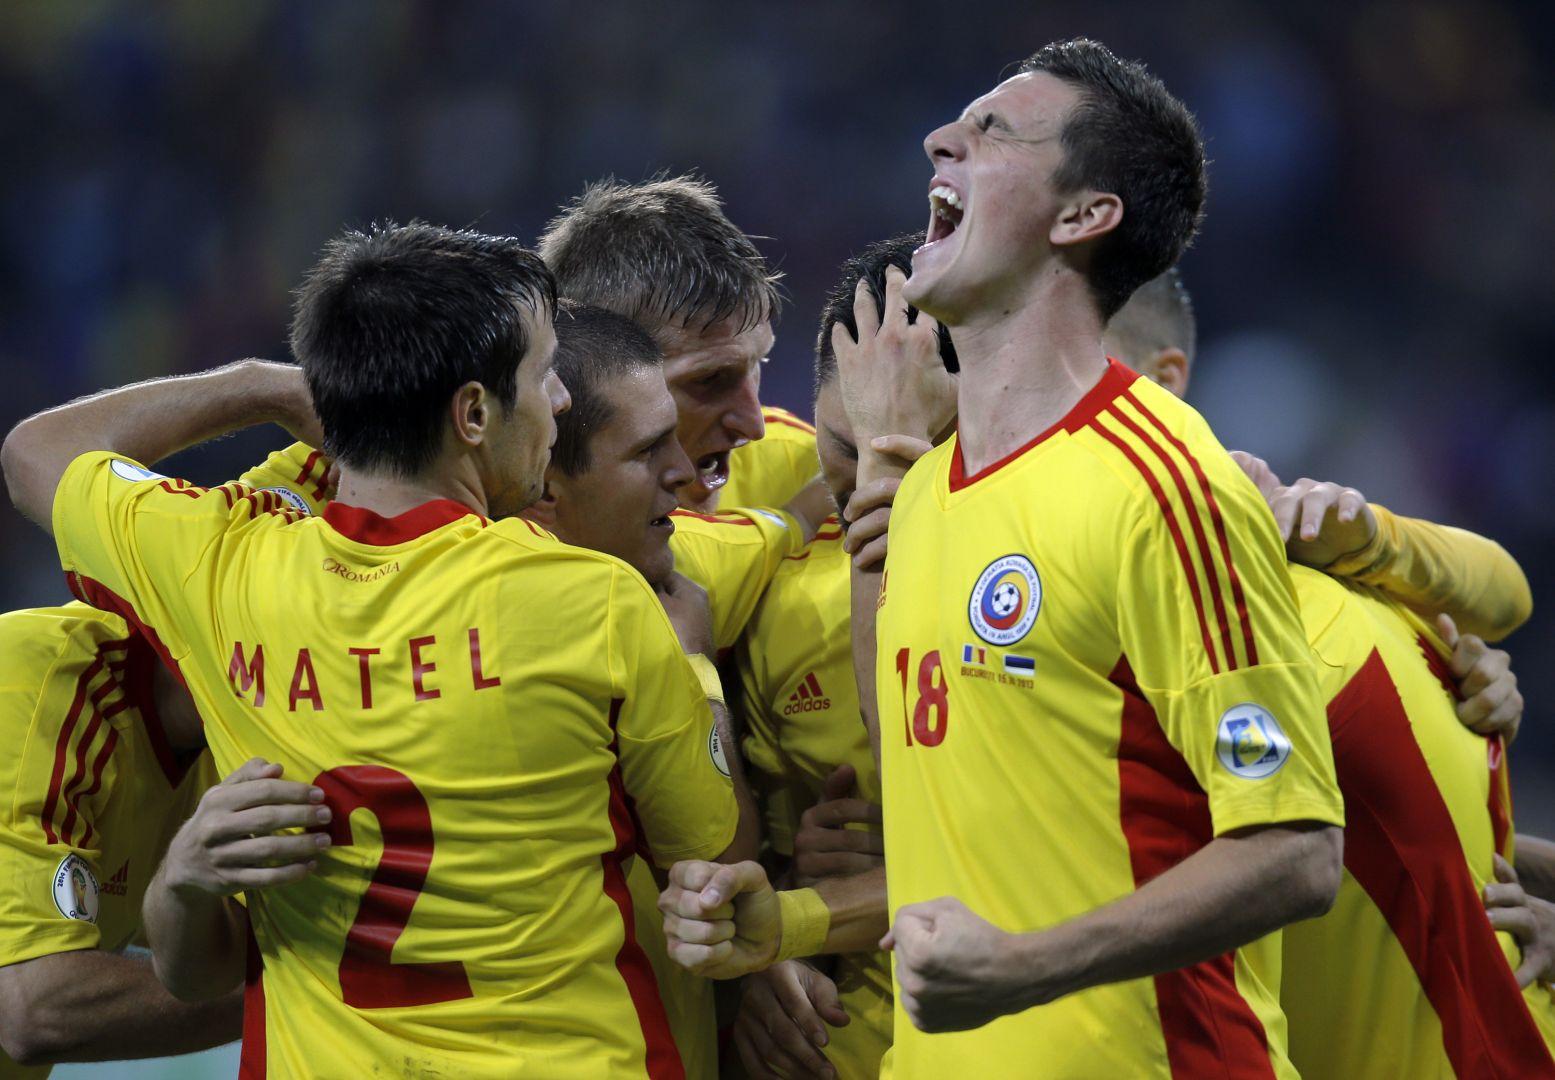 Connaissez-vous vraiment les adversaires des Bleus à l'Euro 2016 ?